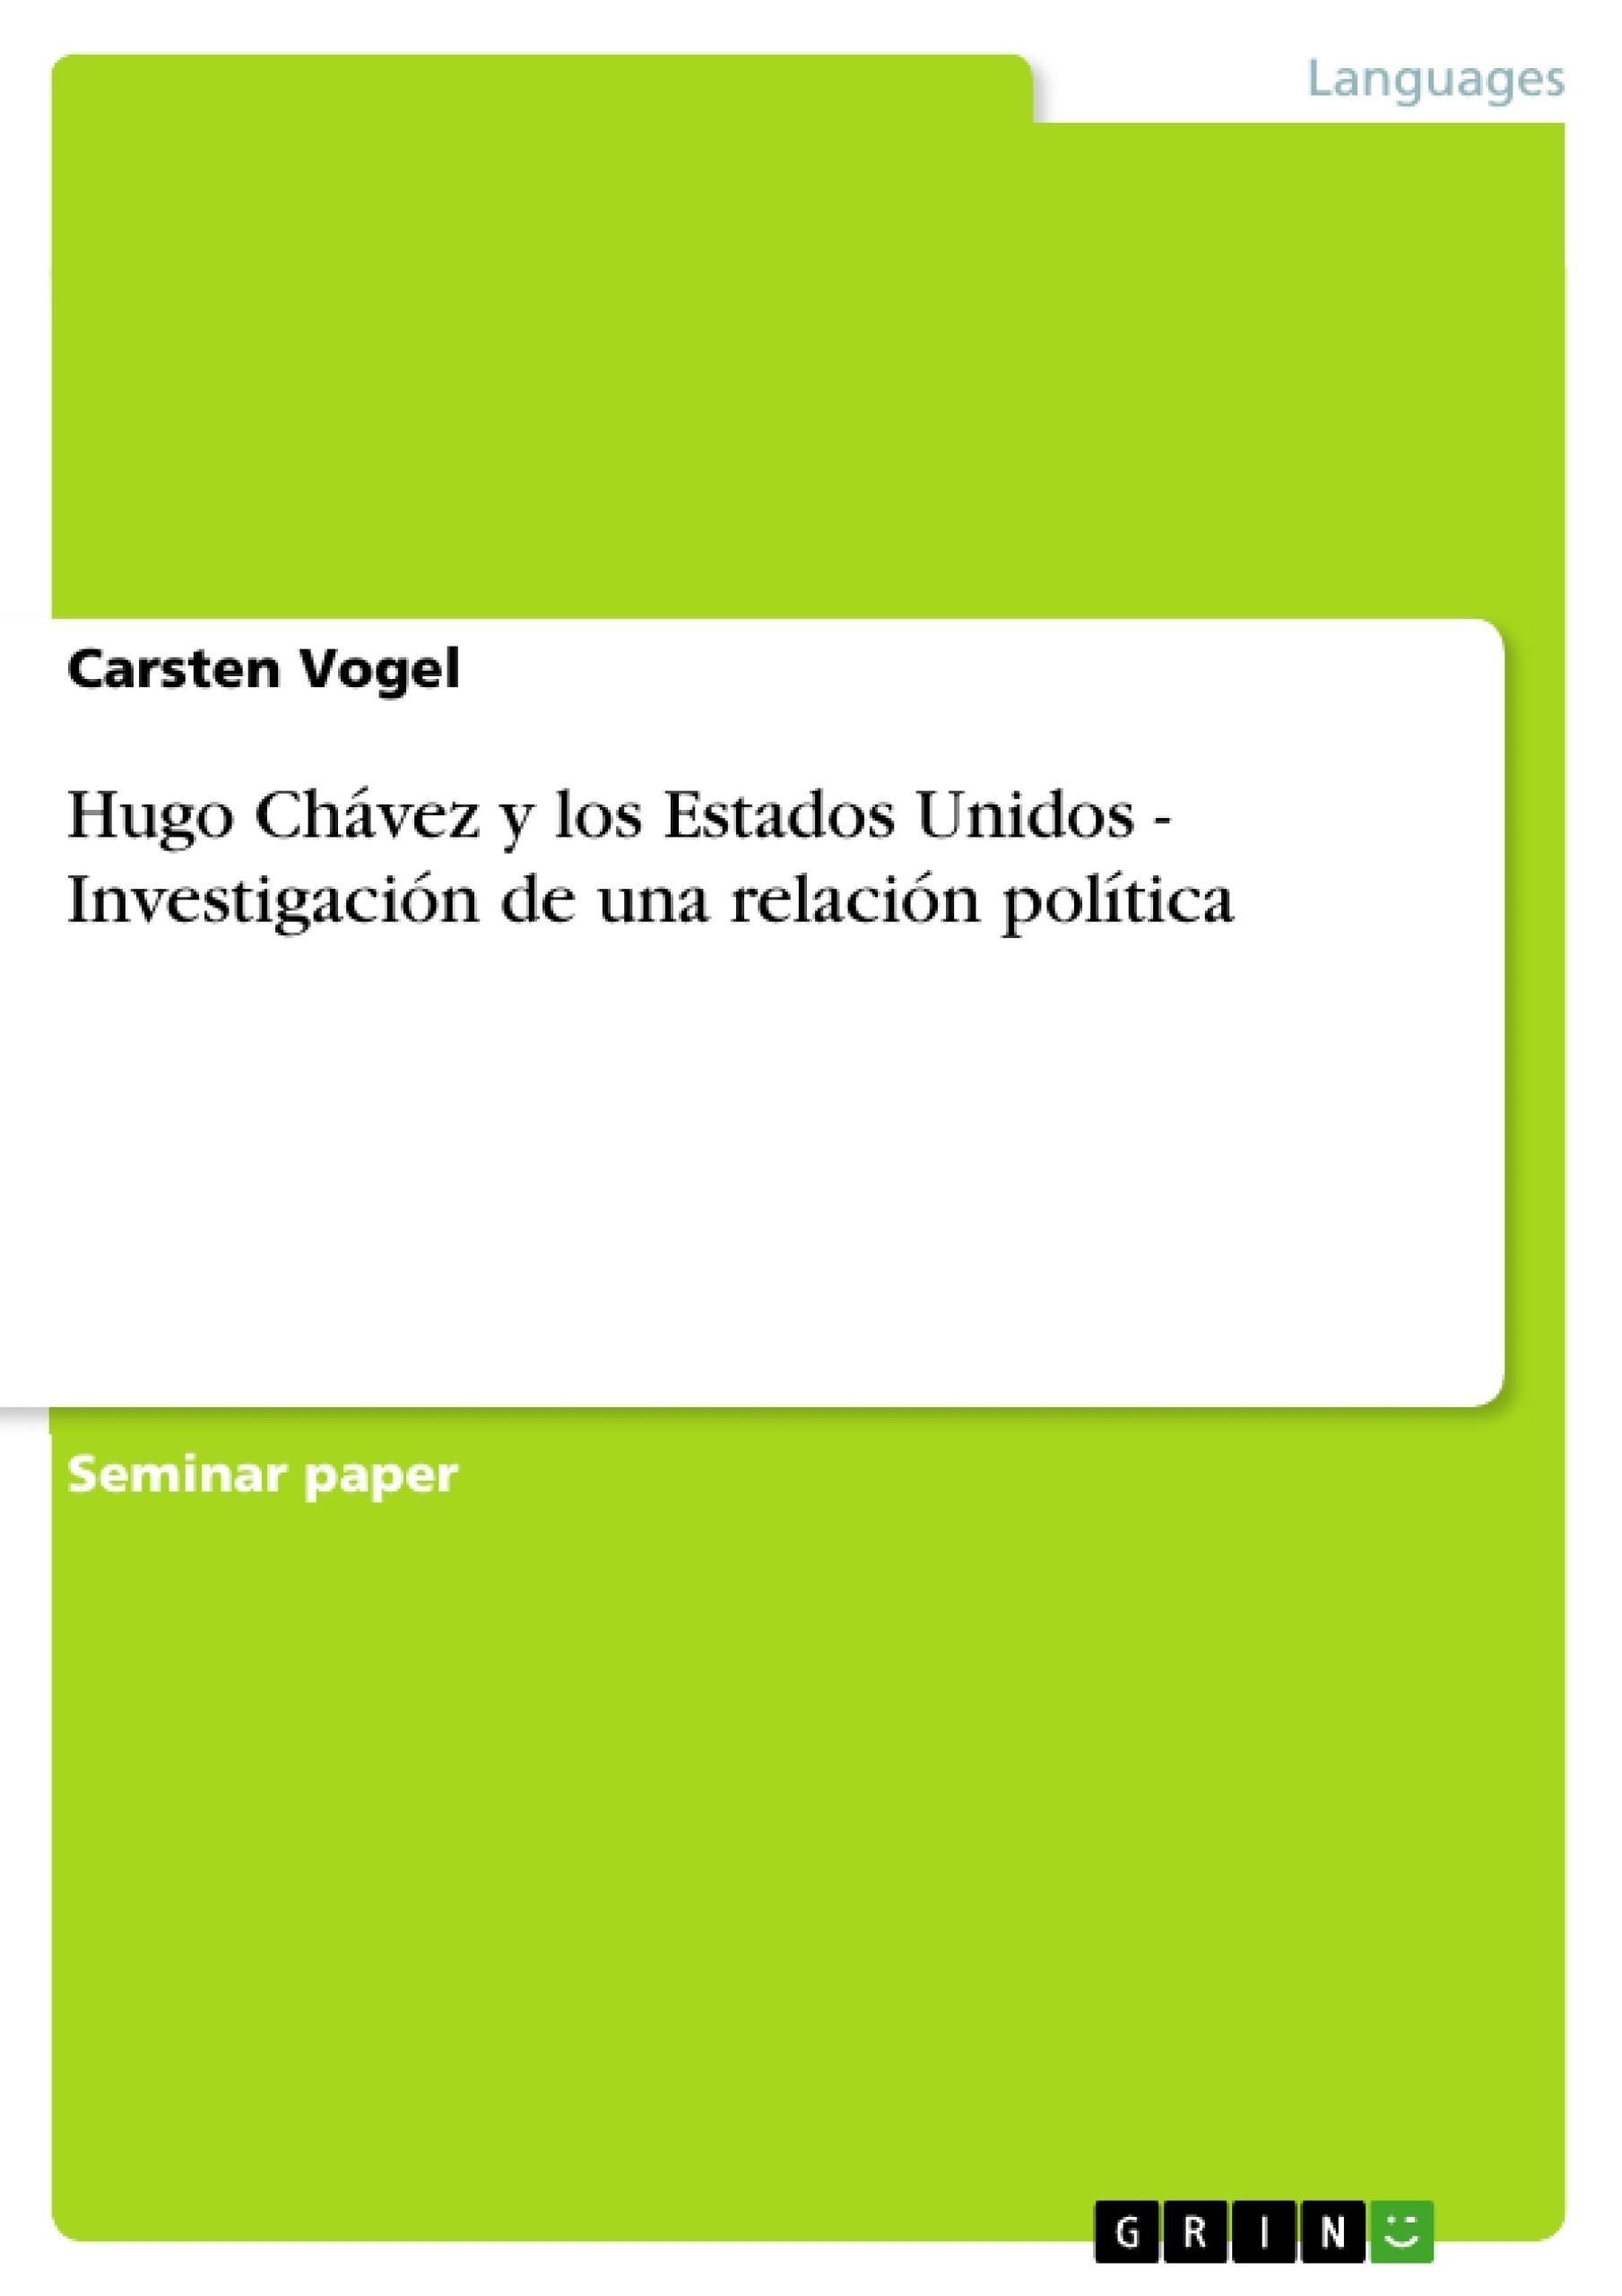 Título: Hugo Chávez y los Estados Unidos - Investigación de una relación política